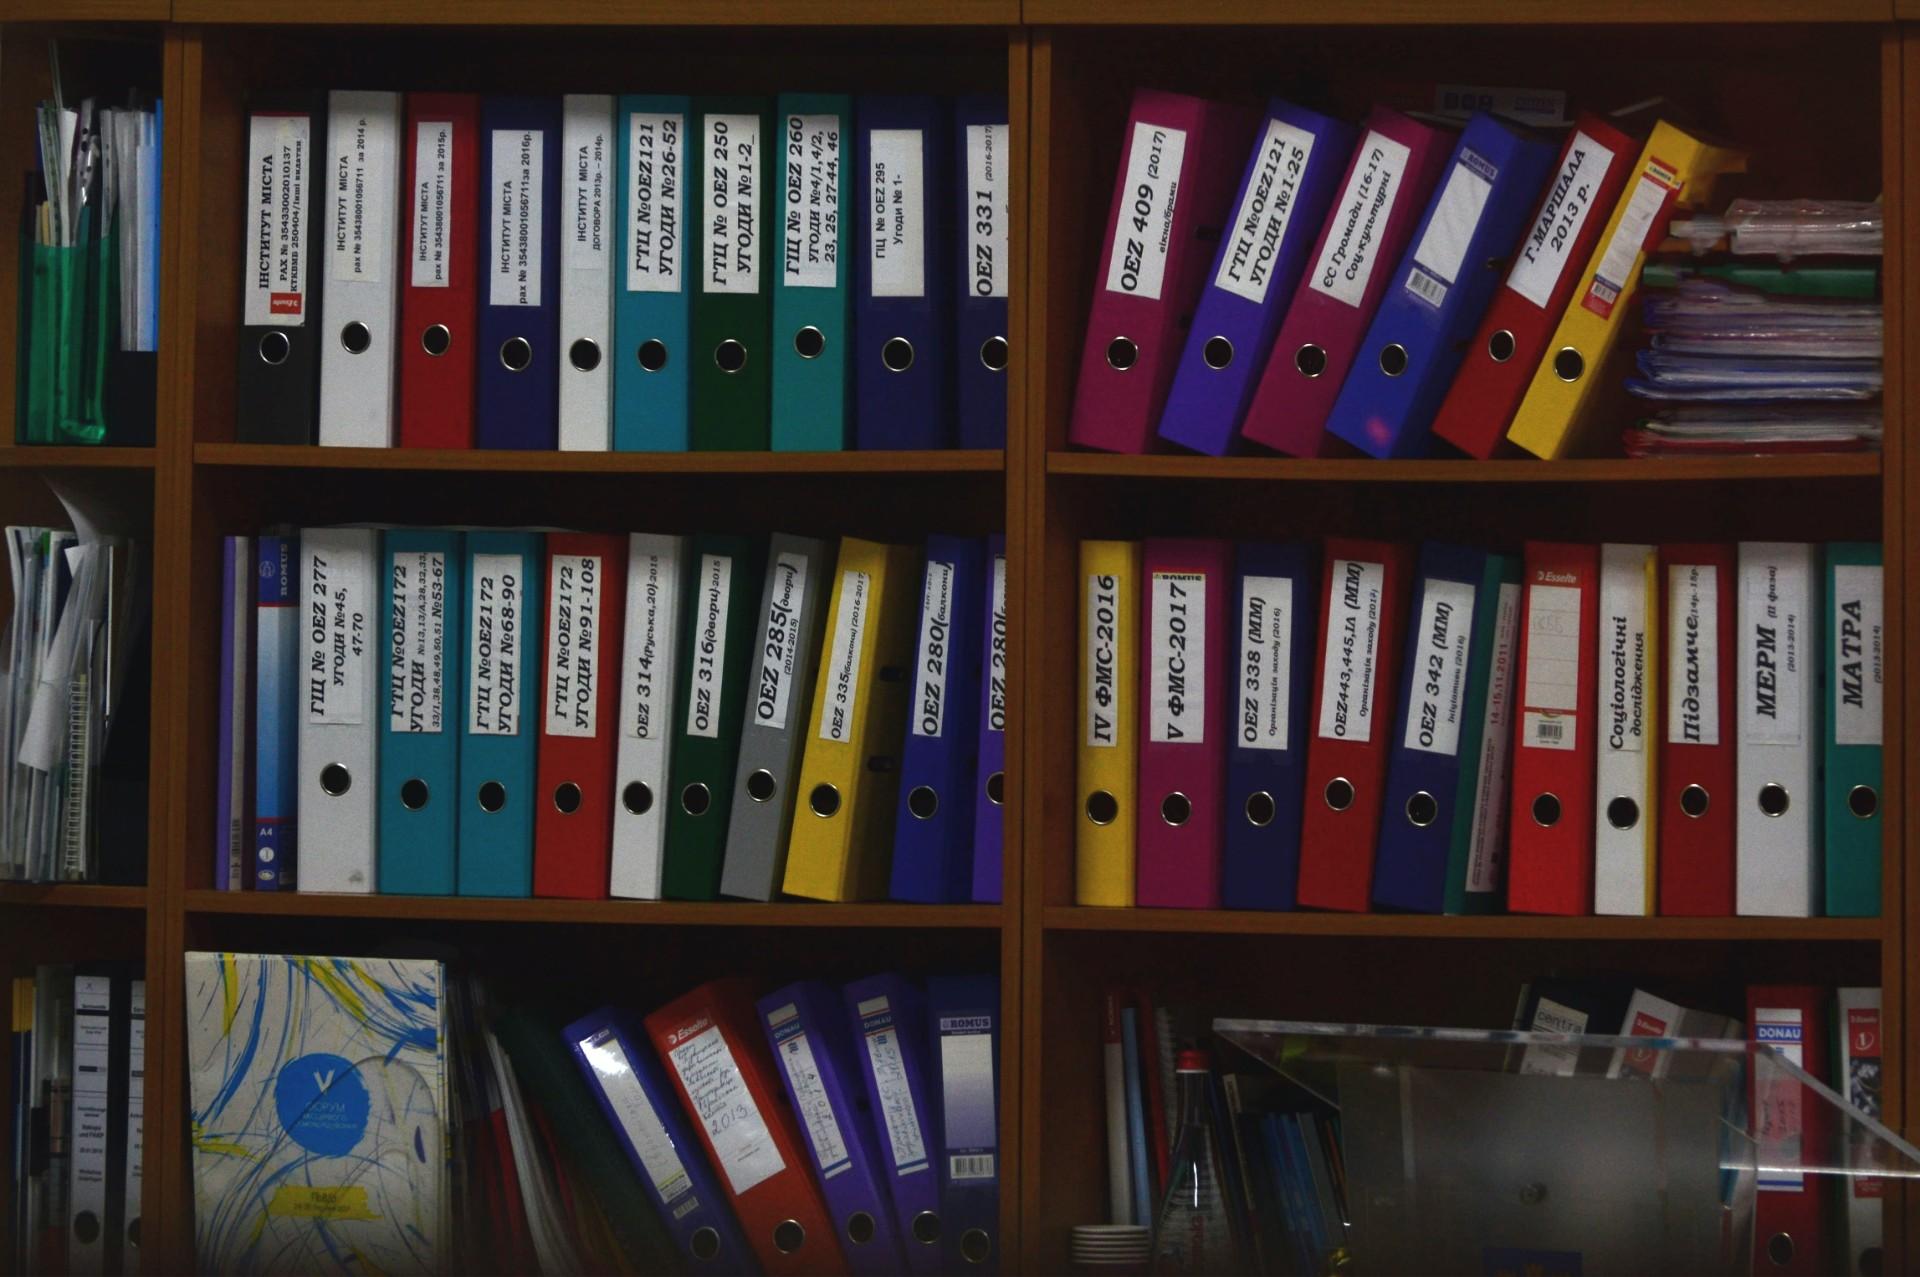 documentos fisicos na estante